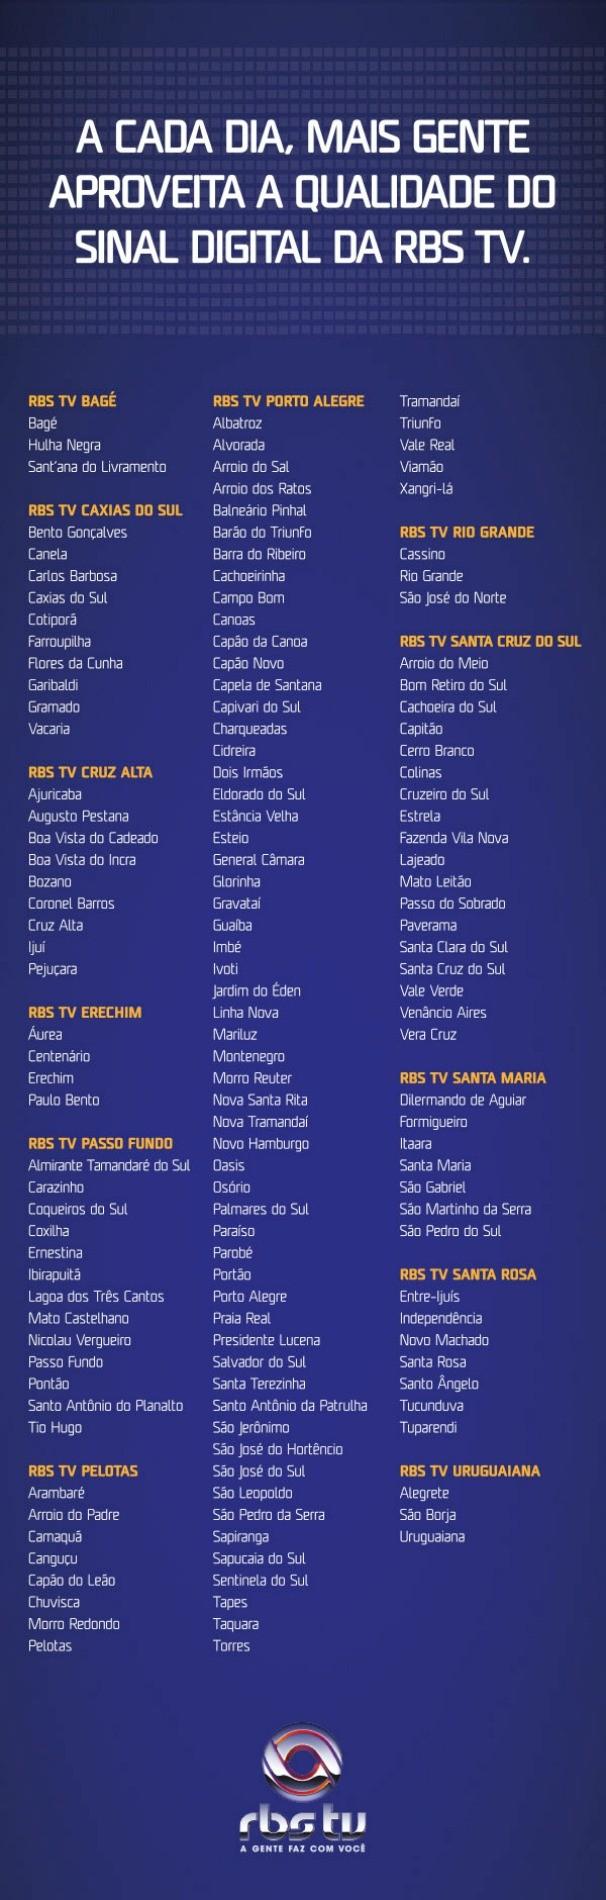 Cidades com sinal digital no RS Rio Grande do Sul RBS TV (Foto: Divulgação/RBS TV)